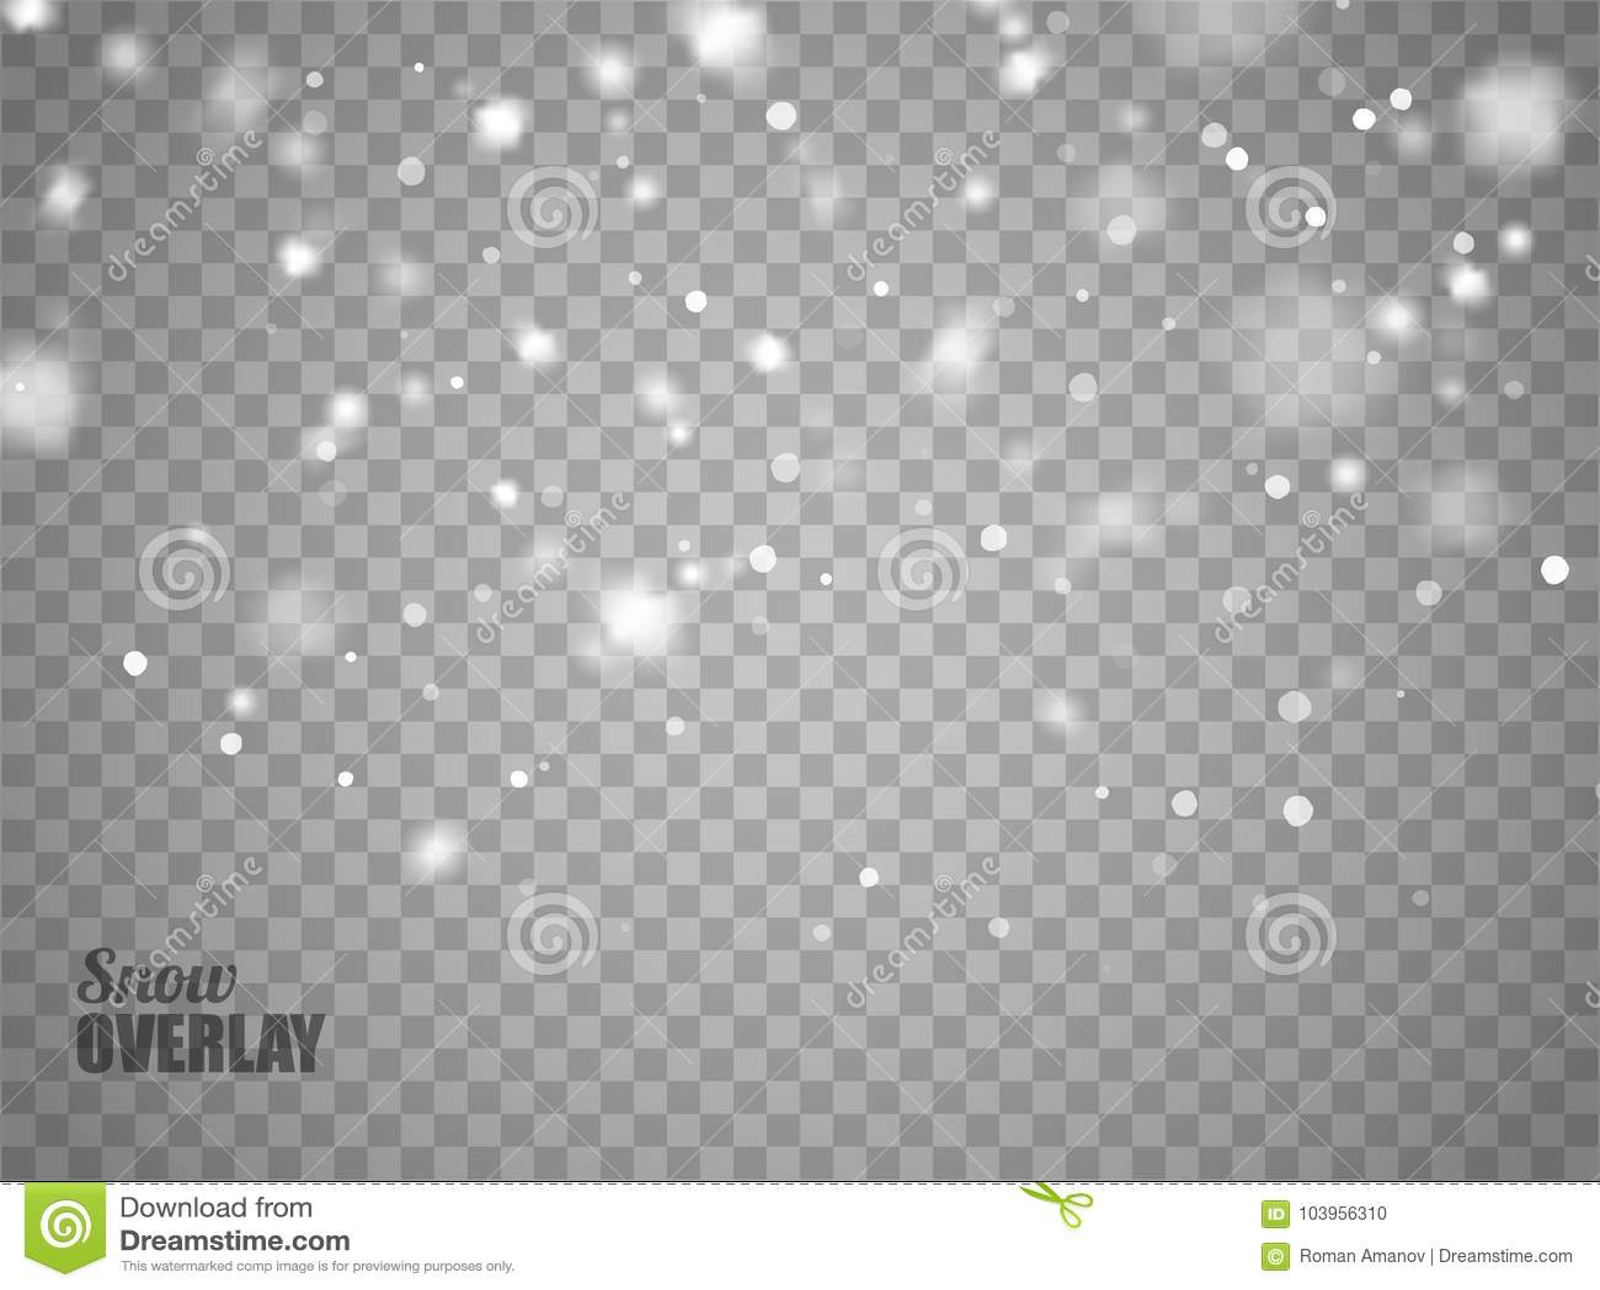 Fiocchi Di Neve Di Carta Modelli : Sovrapposizione della neve su fondo trasparente fiocchi di neve di